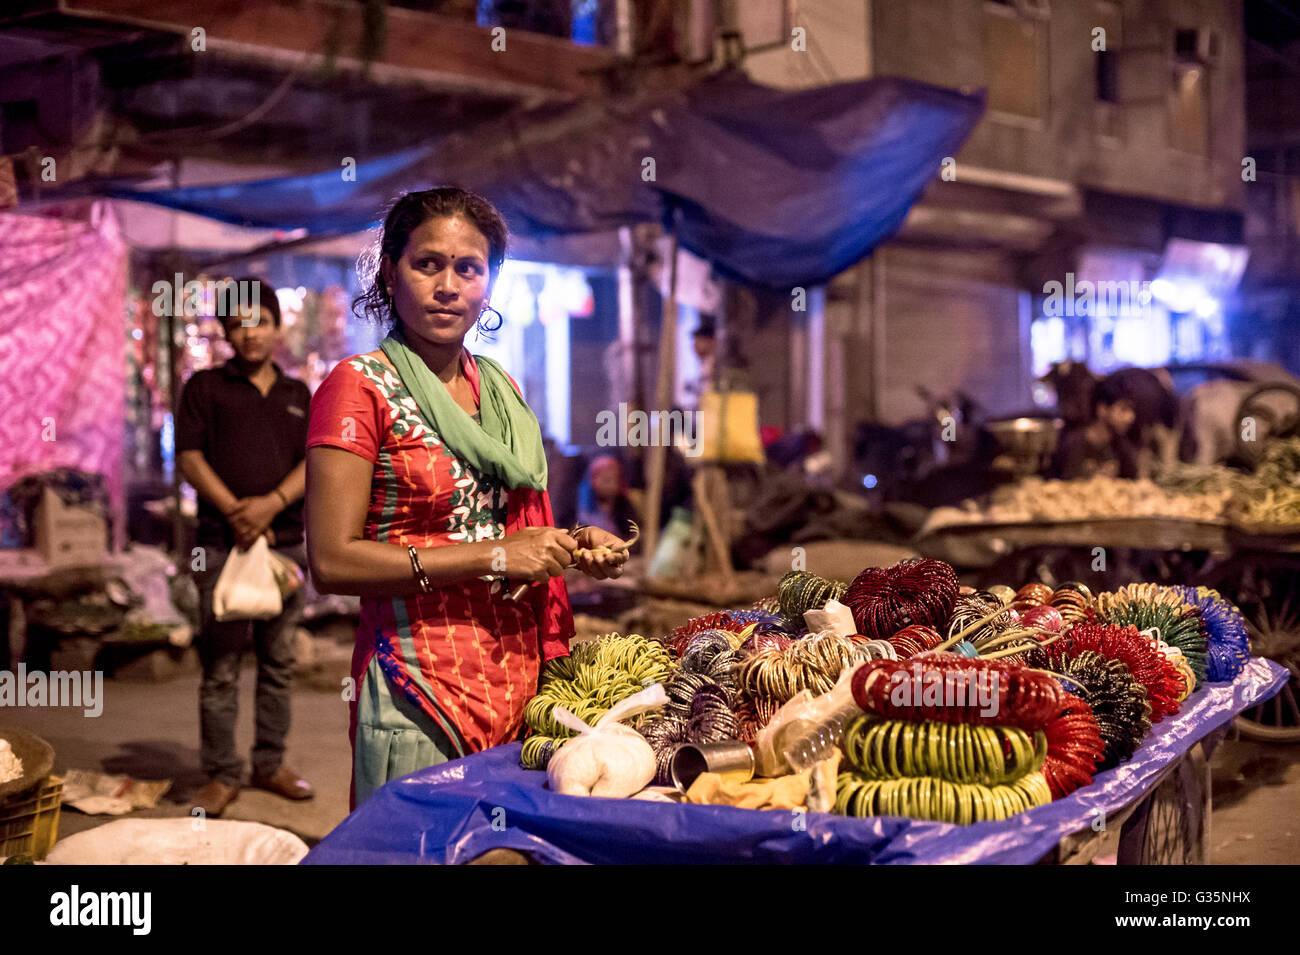 A street vendor in Delhi bangles food India.  Credit: Euan Cherry - Stock Image